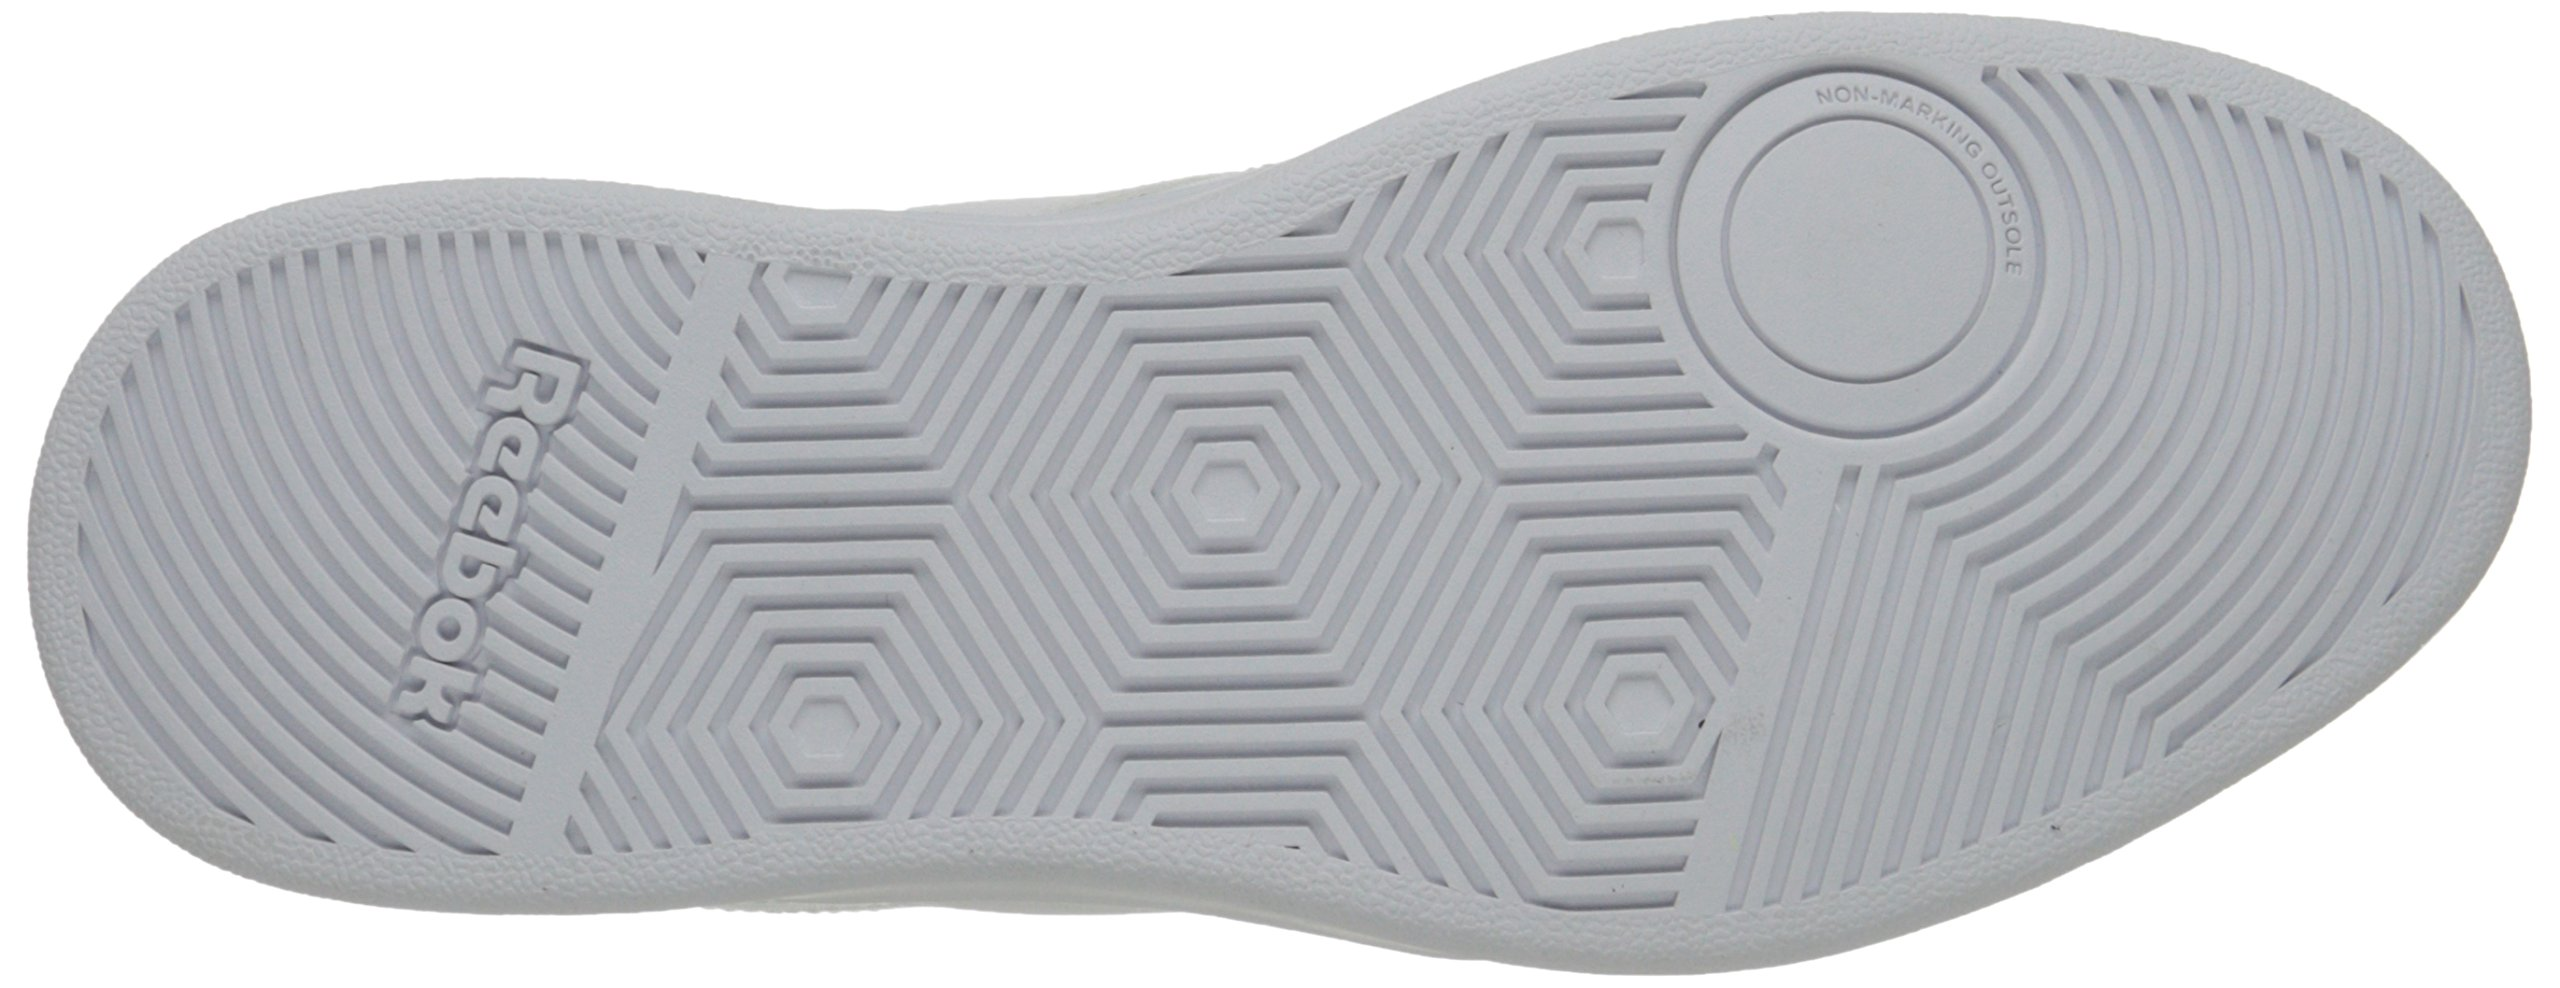 Reebok Men's Club Memt Fashion Sneaker, White/Steel, 11.5 4E US